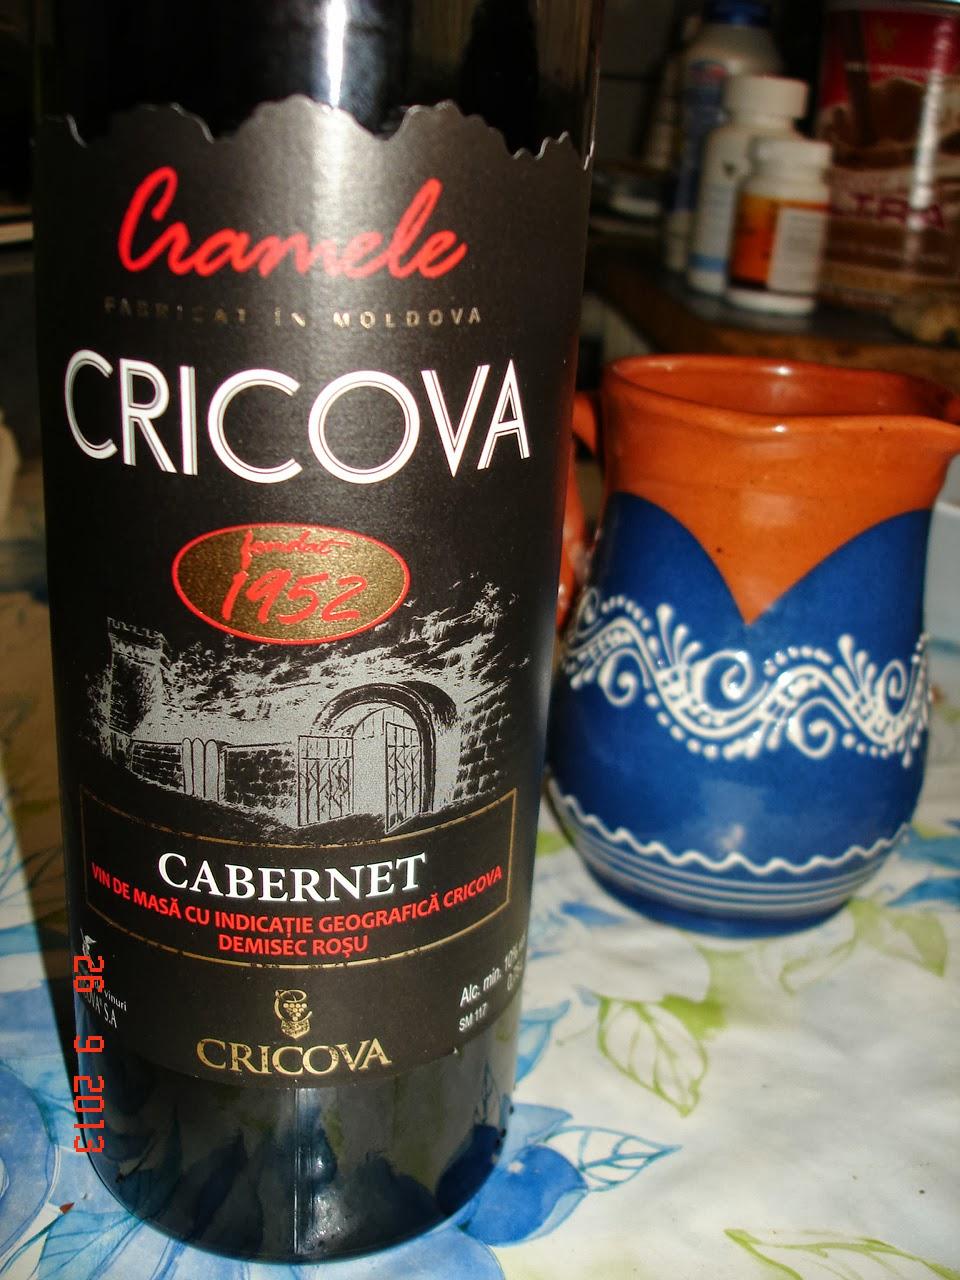 Hai noroc cu vin moldo-european de Cricova!